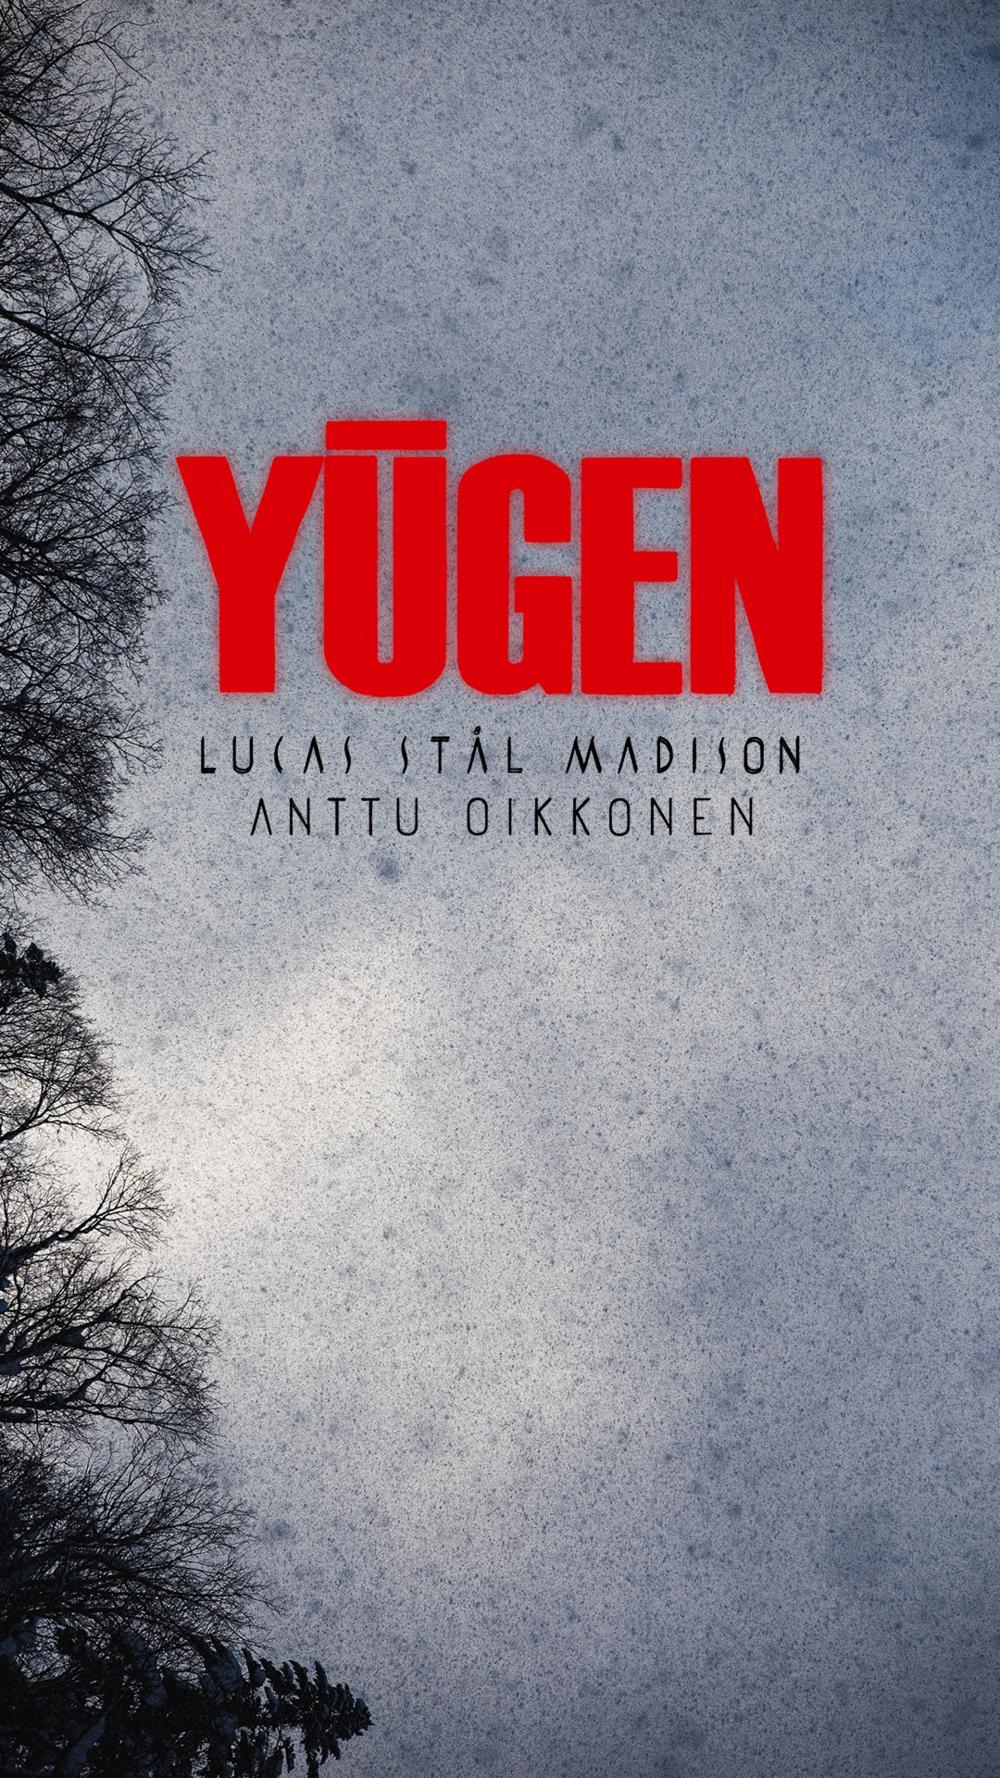 Yūgen_LSM_story_photo_1.png